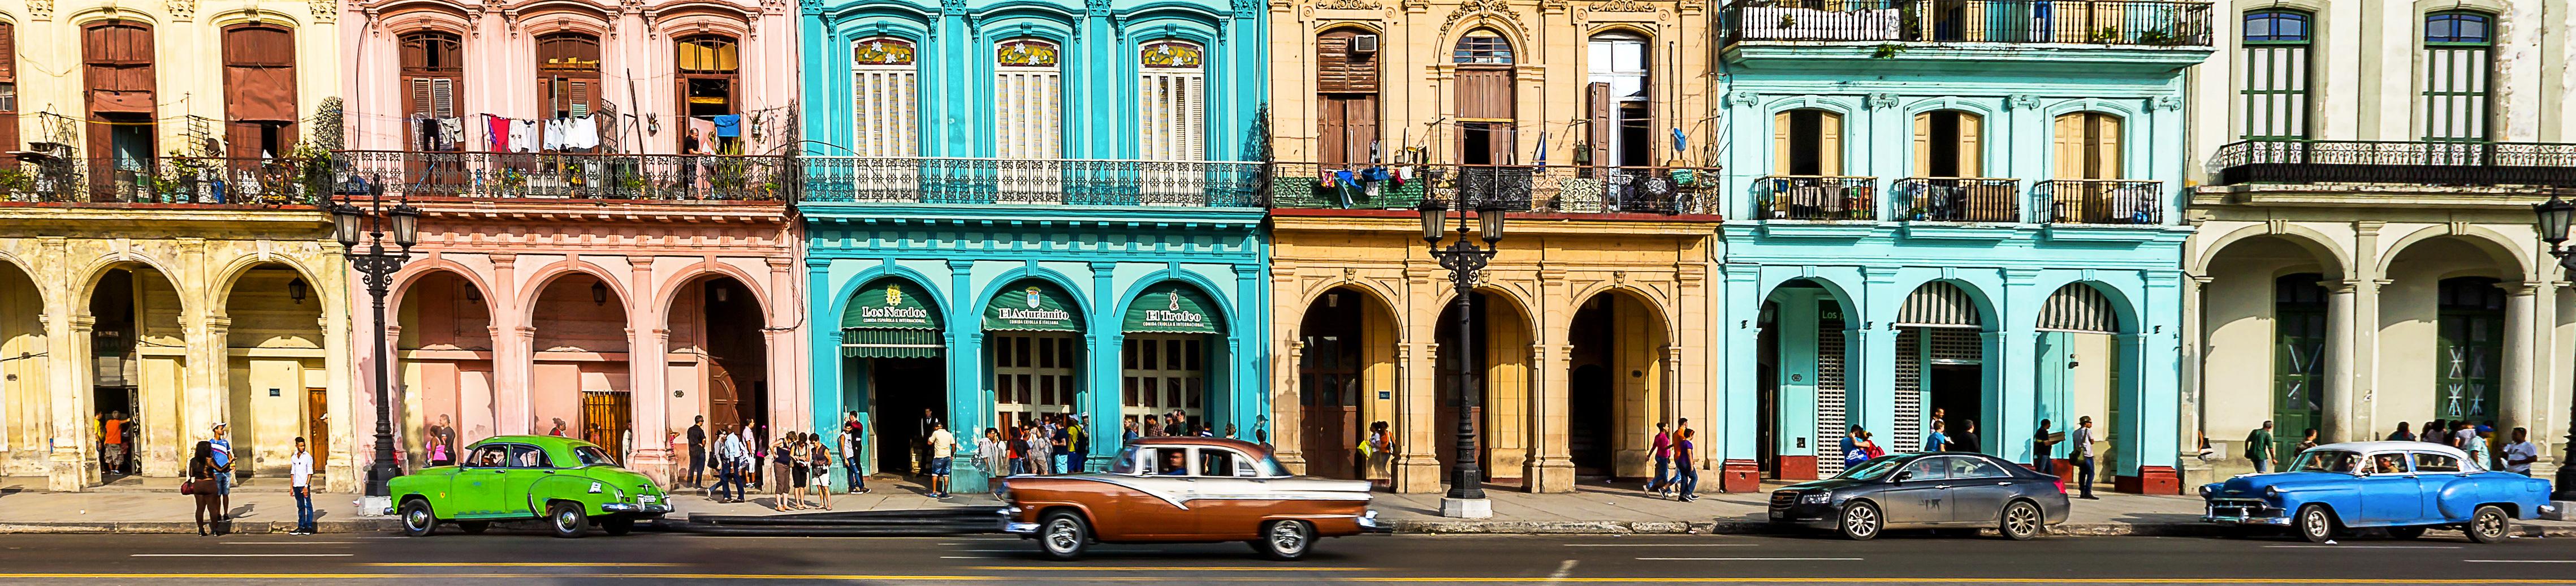 Comment bien se comporter à l'arrivée à Cuba